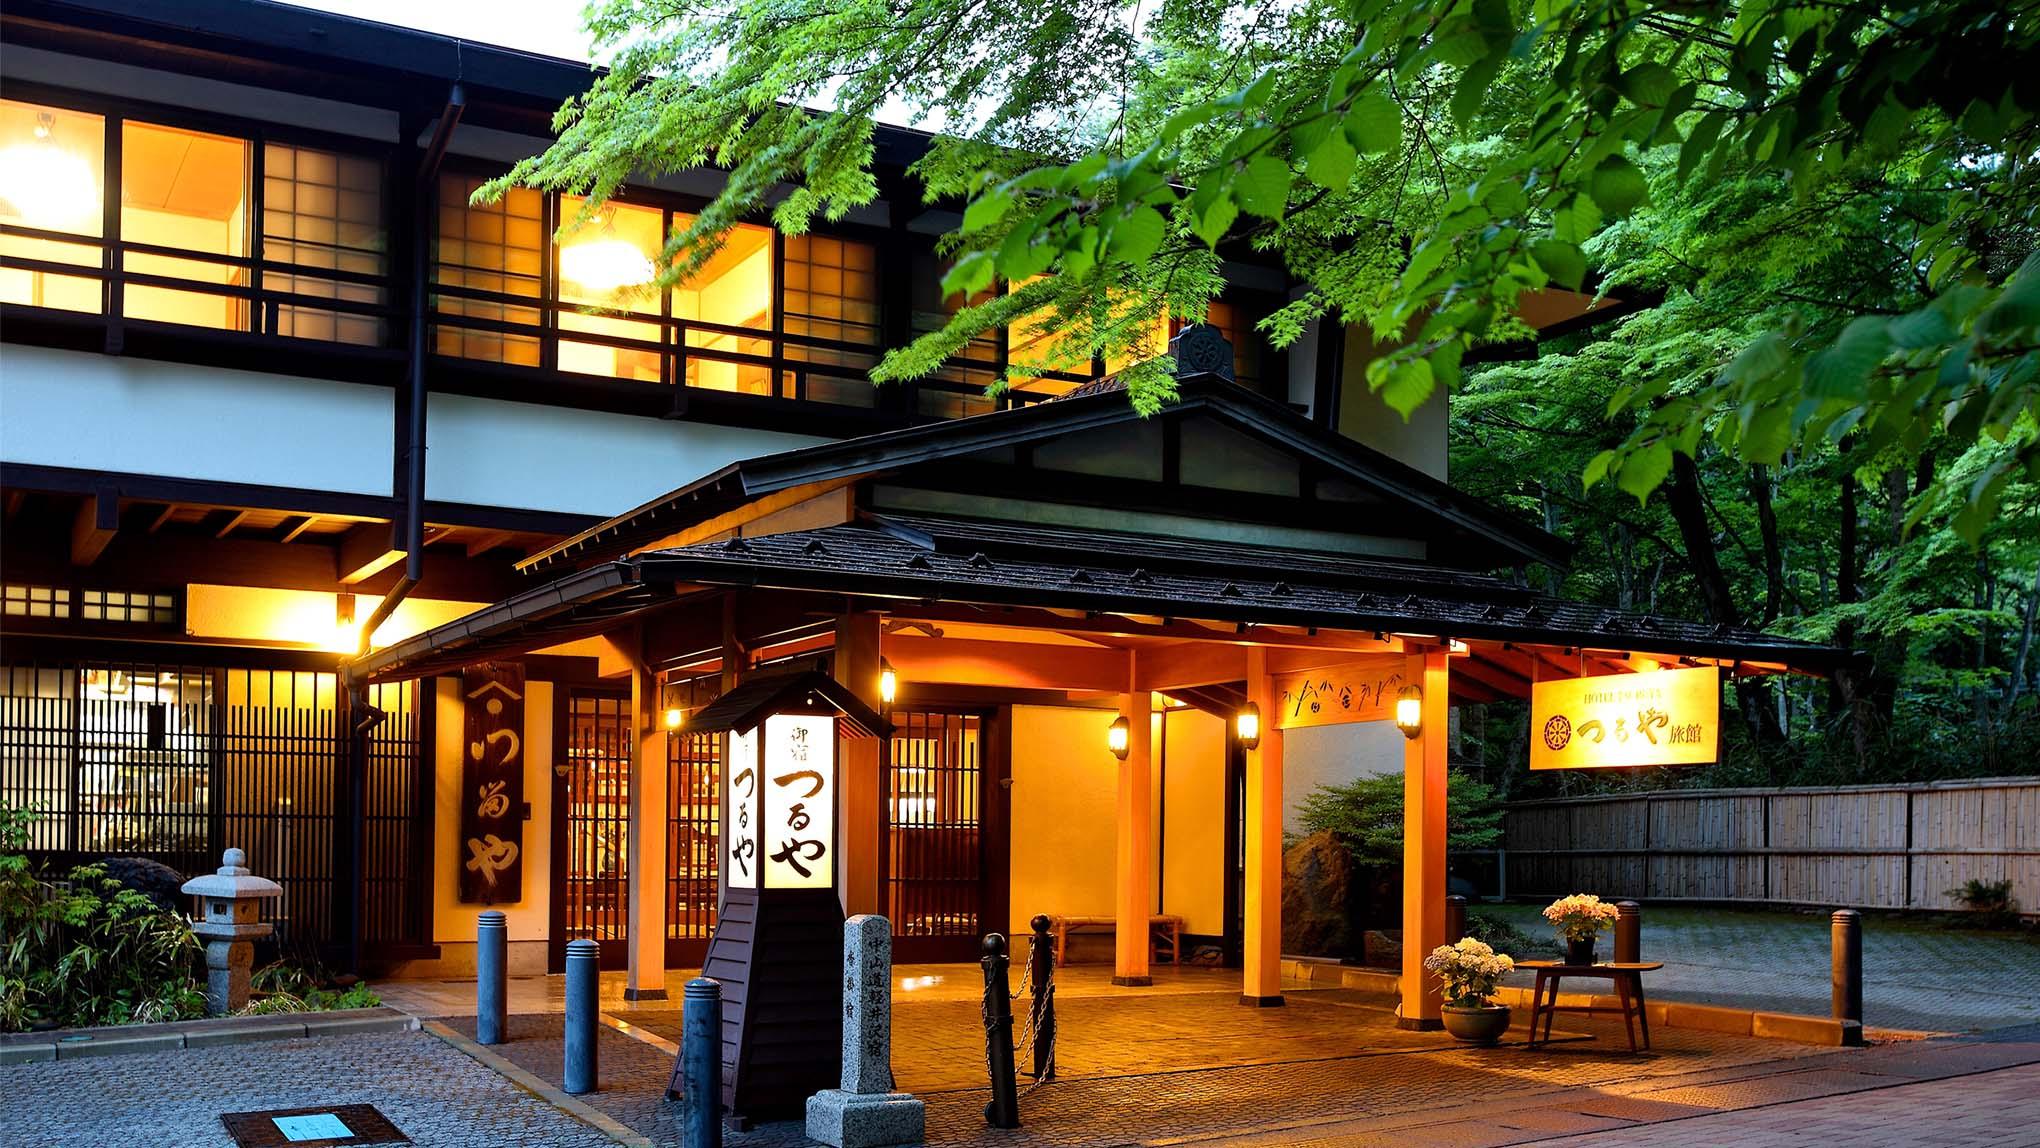 軽井沢つるや旅館 image